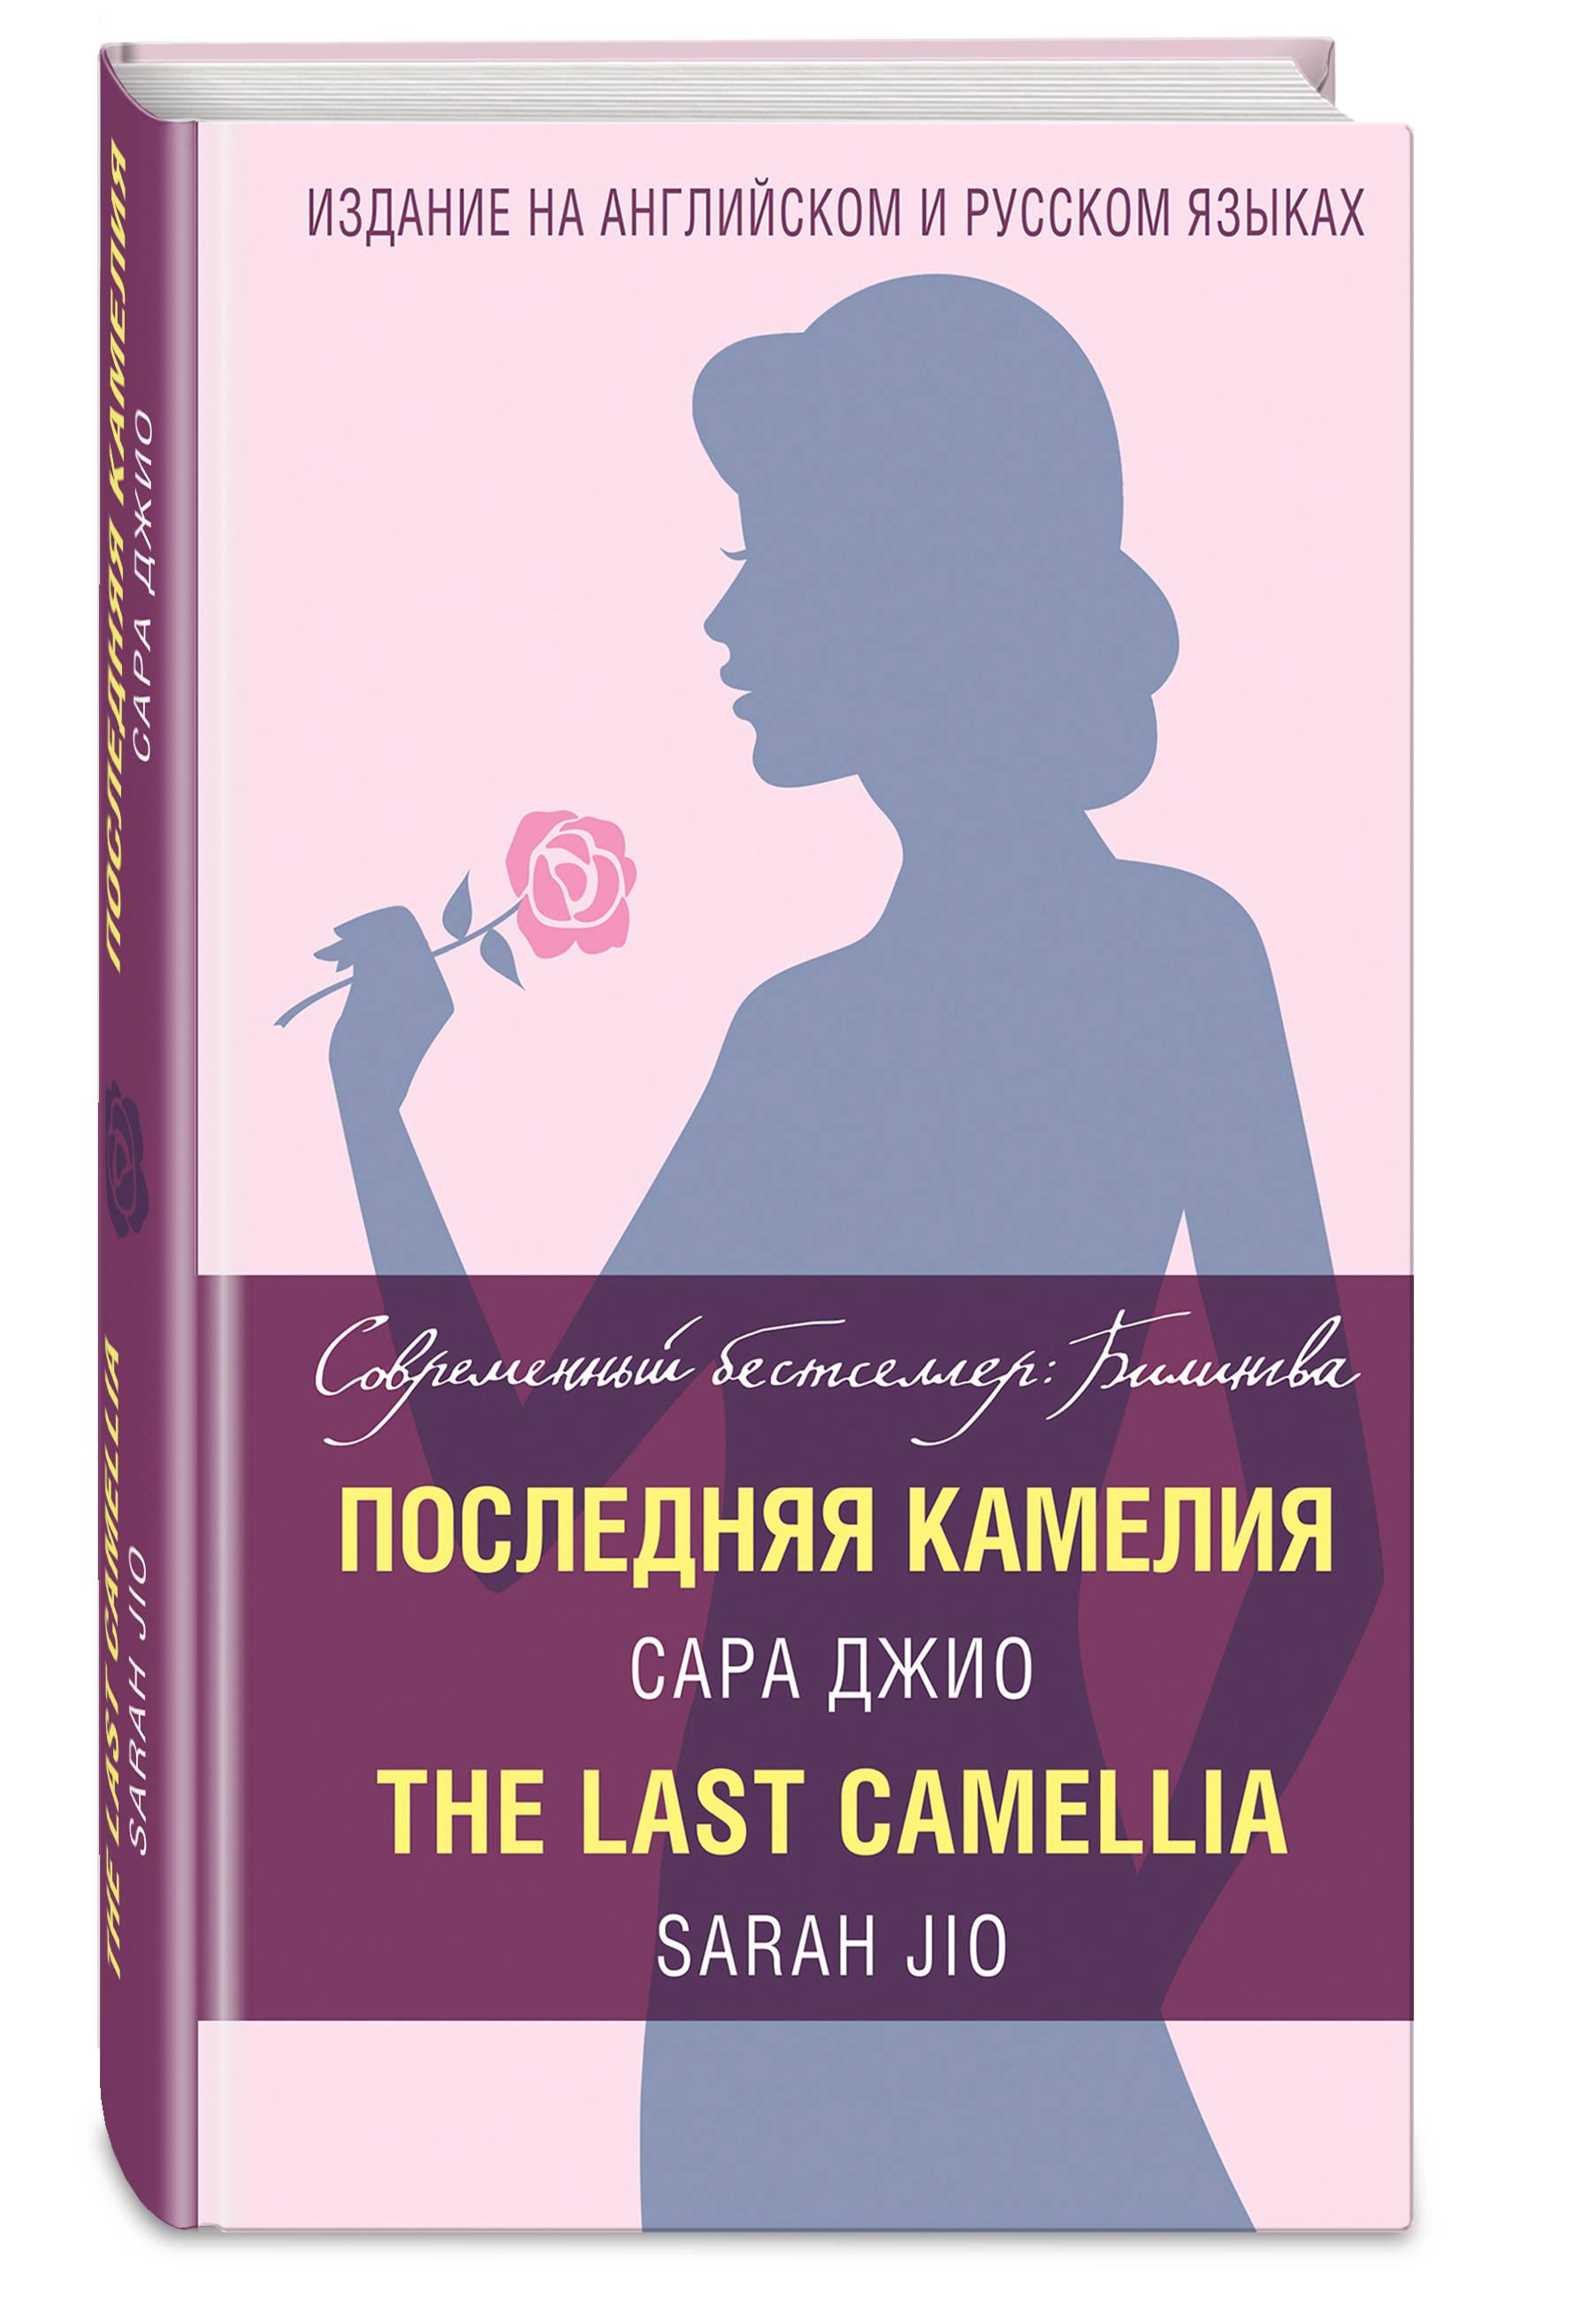 Последняя камелия = The Last Camellia